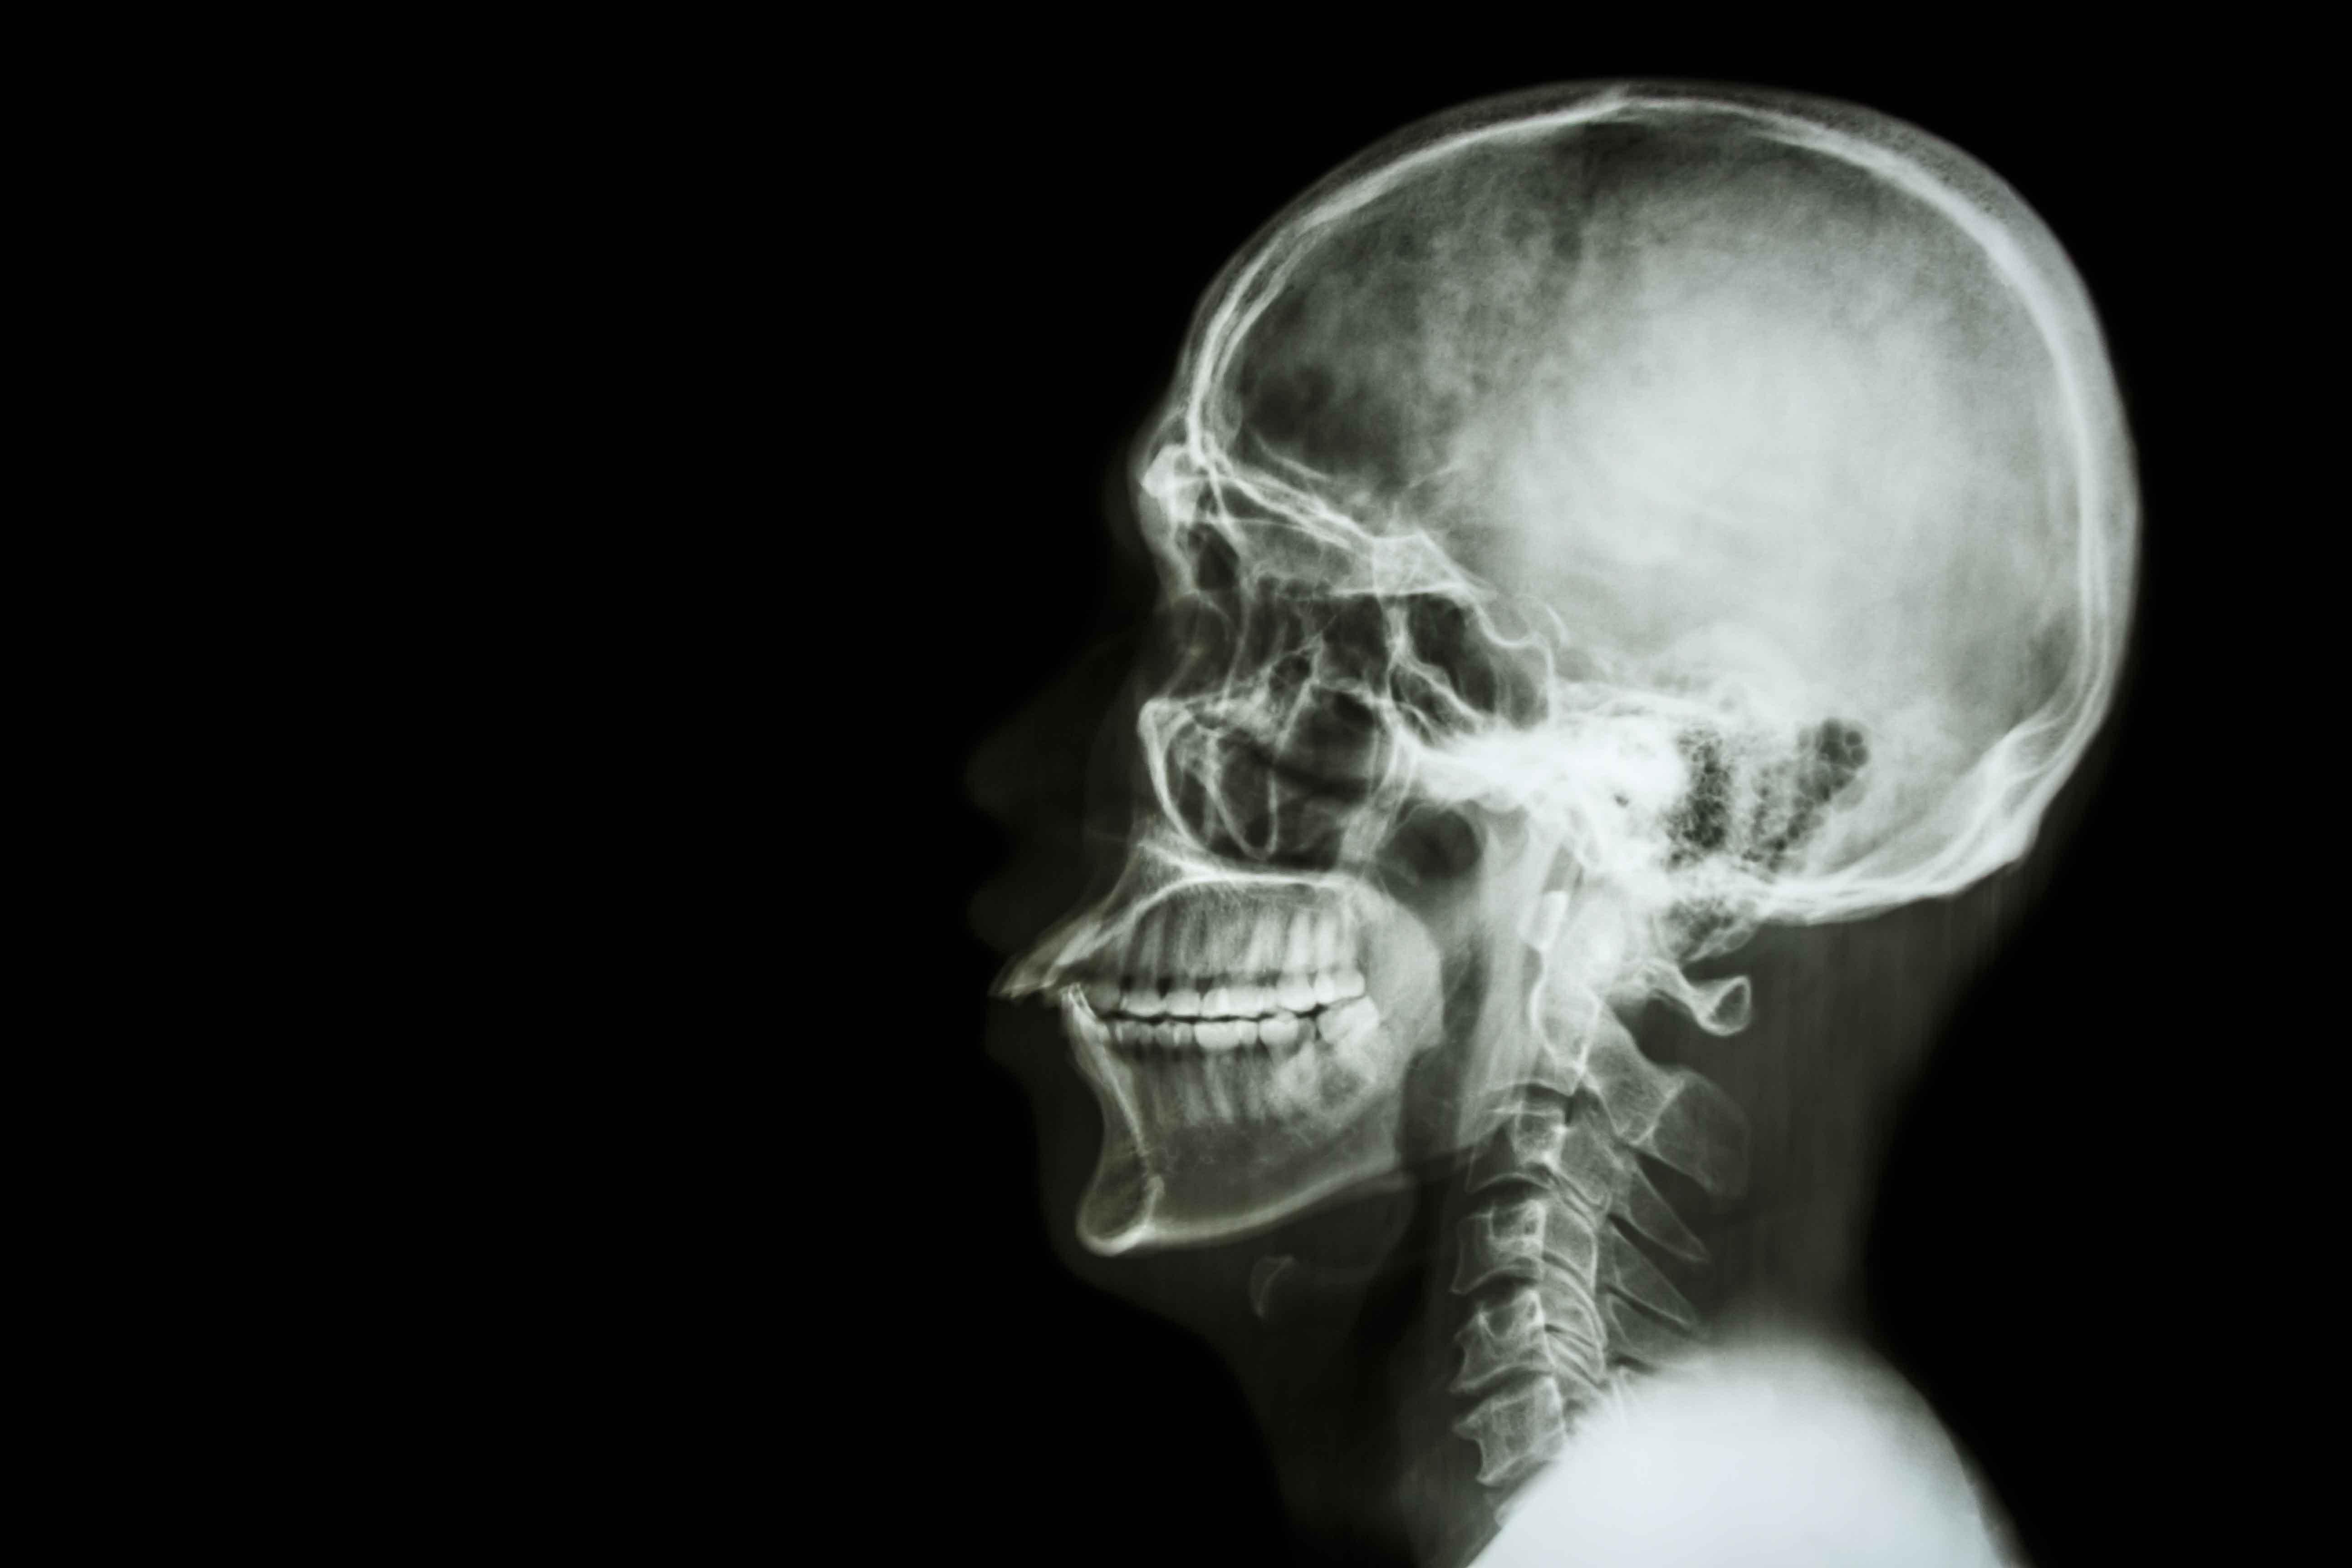 Técnico Profesional en Radiología Dental (90 horas) - NormaBasica